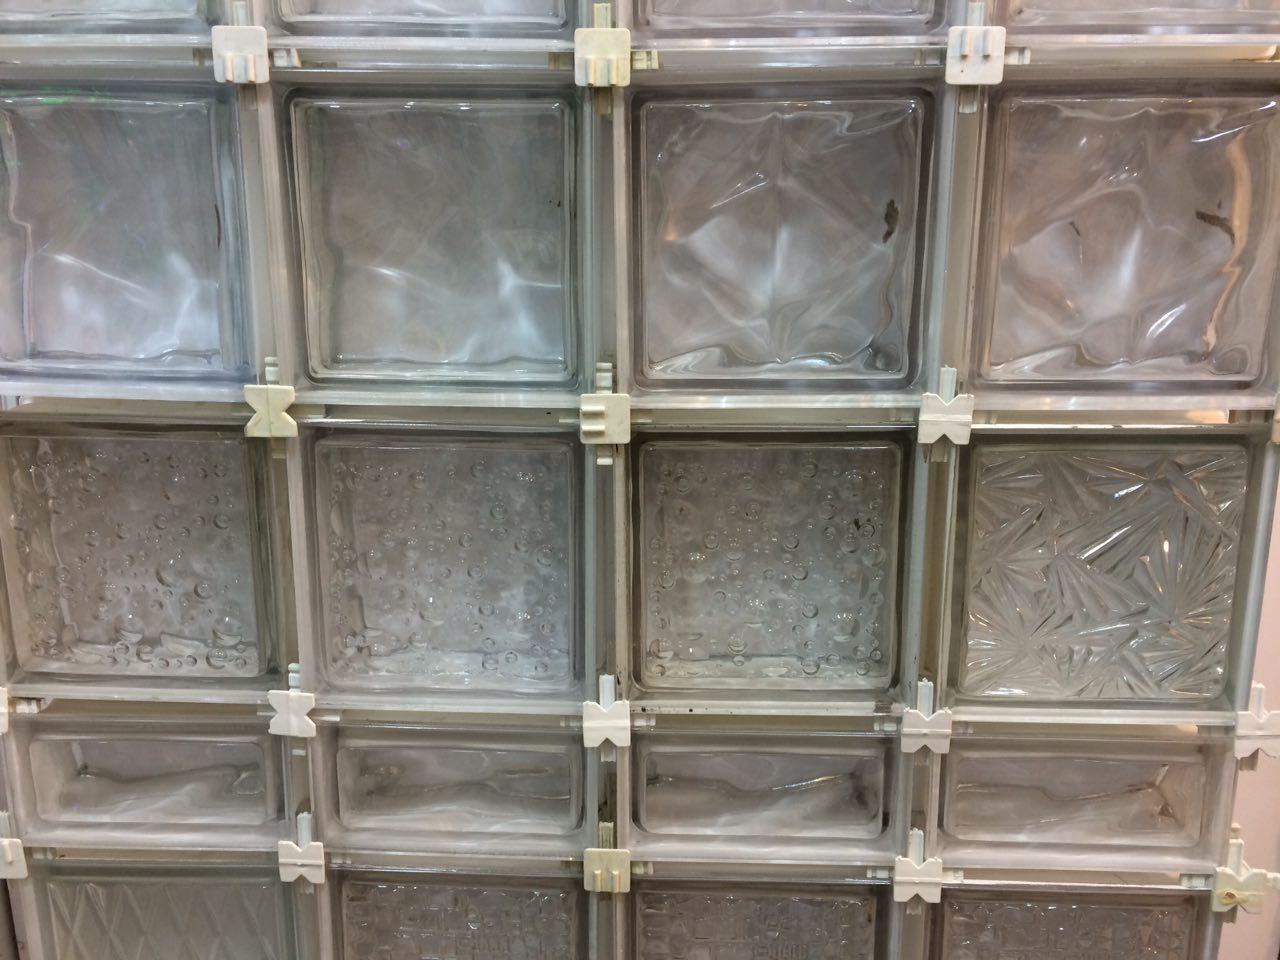 قالب فلزی | تولیدی اسپیسر بلوک شیشه ای - قالب فلزی... بلوک شیشه ای نورا شیشه ایبلوک شیشه ای ...